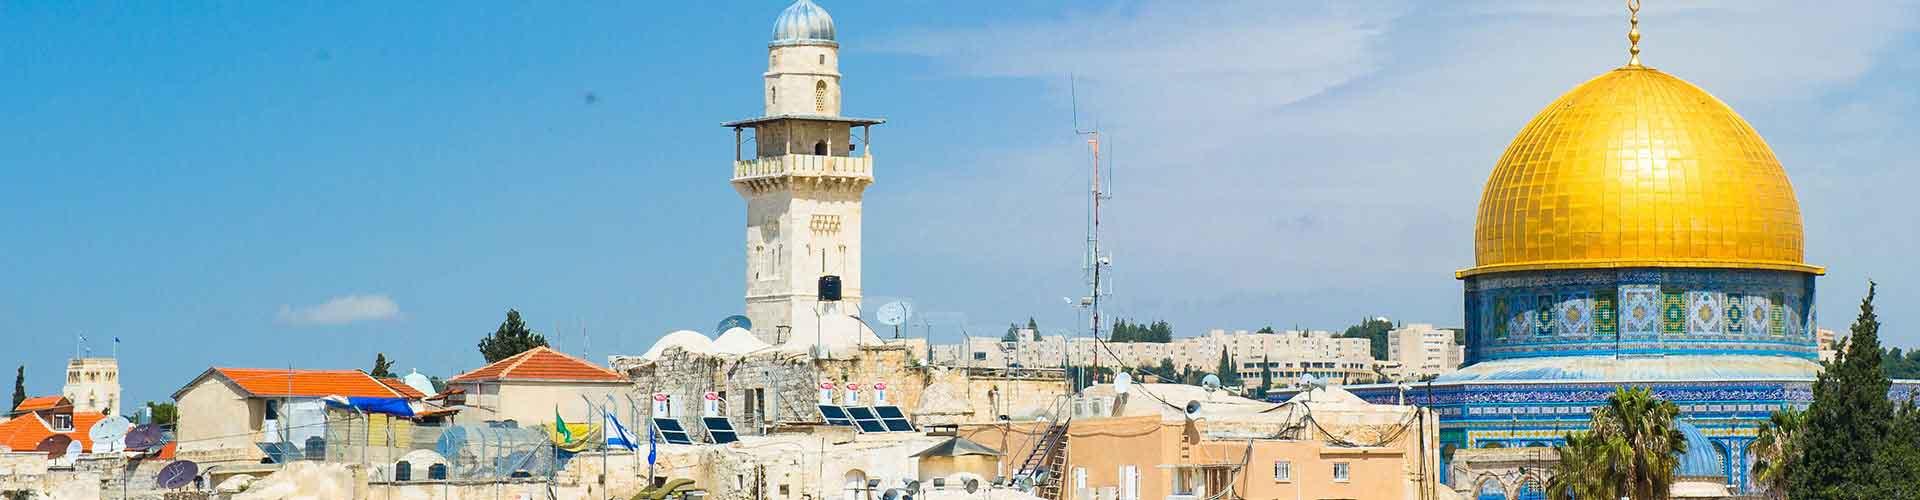 エルサレム – キャンプ場 エルサレム. 地図 エルサレム, すべてのキャンプ場の写真とレビュー エルサレム.